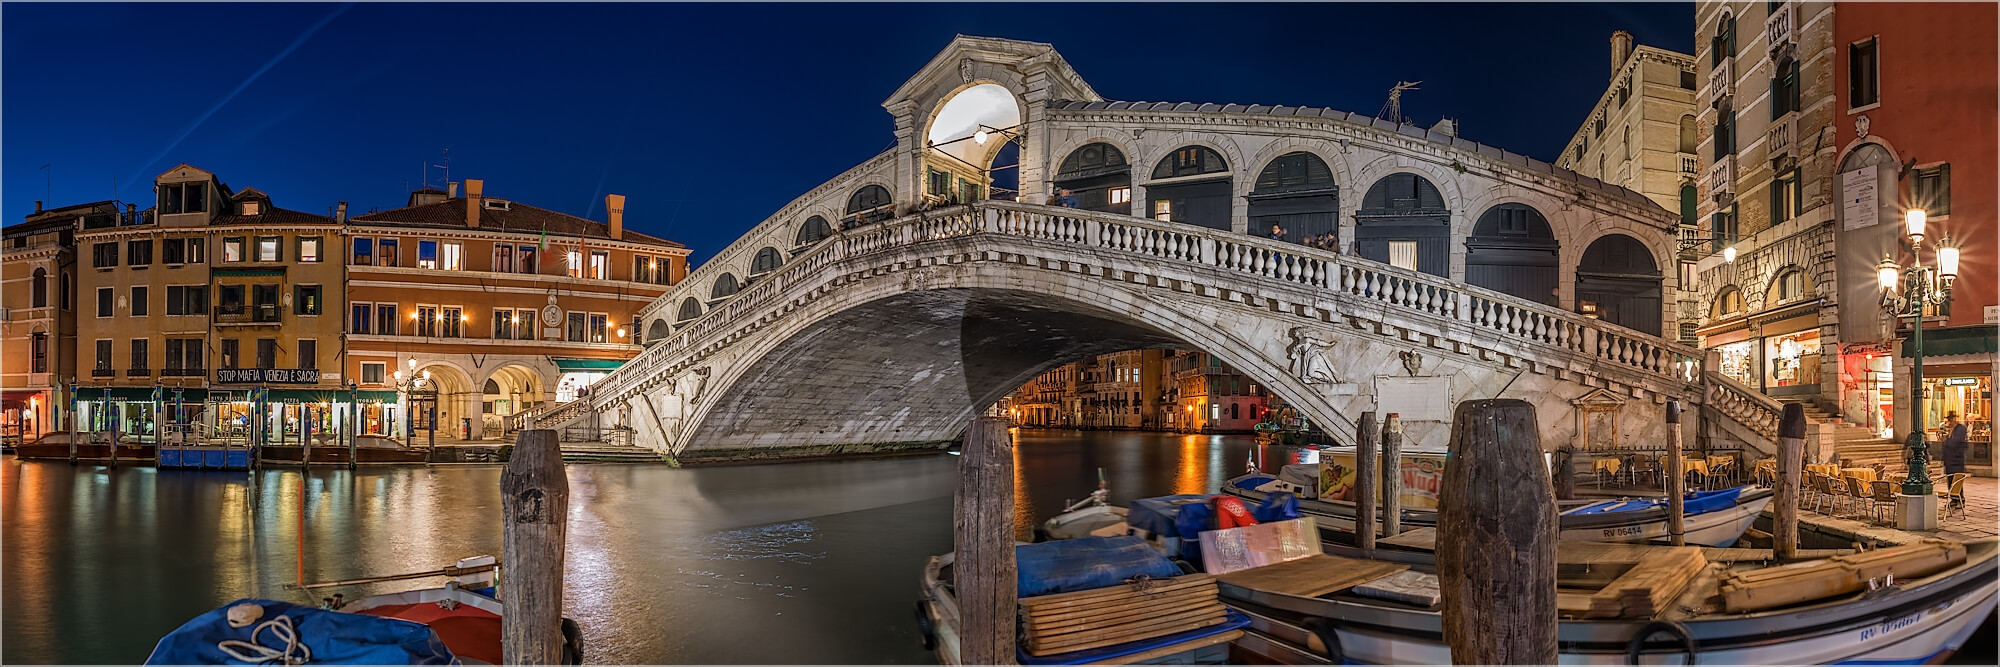 Panoramafoto Rialto Brücke Venedig Italien